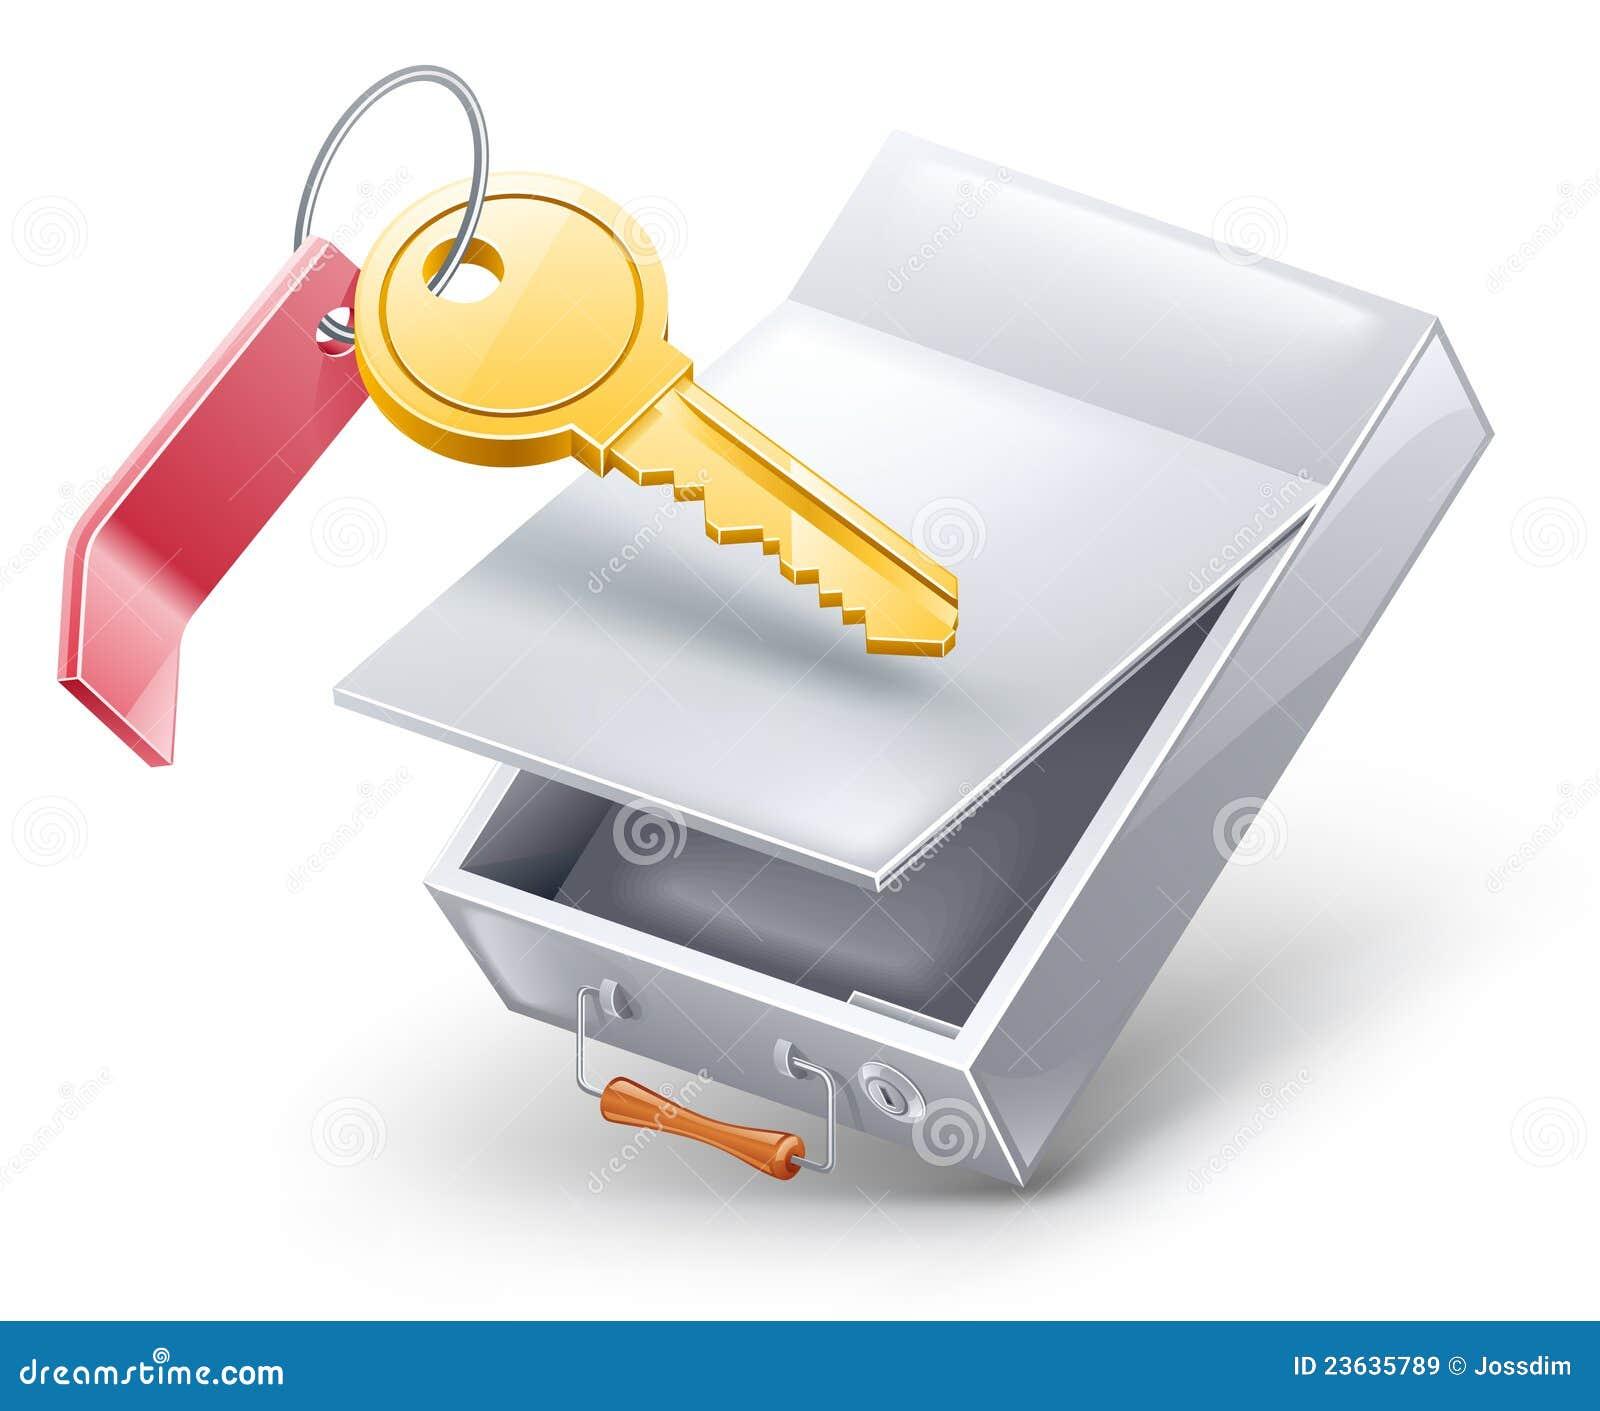 Rectángulo de depósito de seguridad con clave